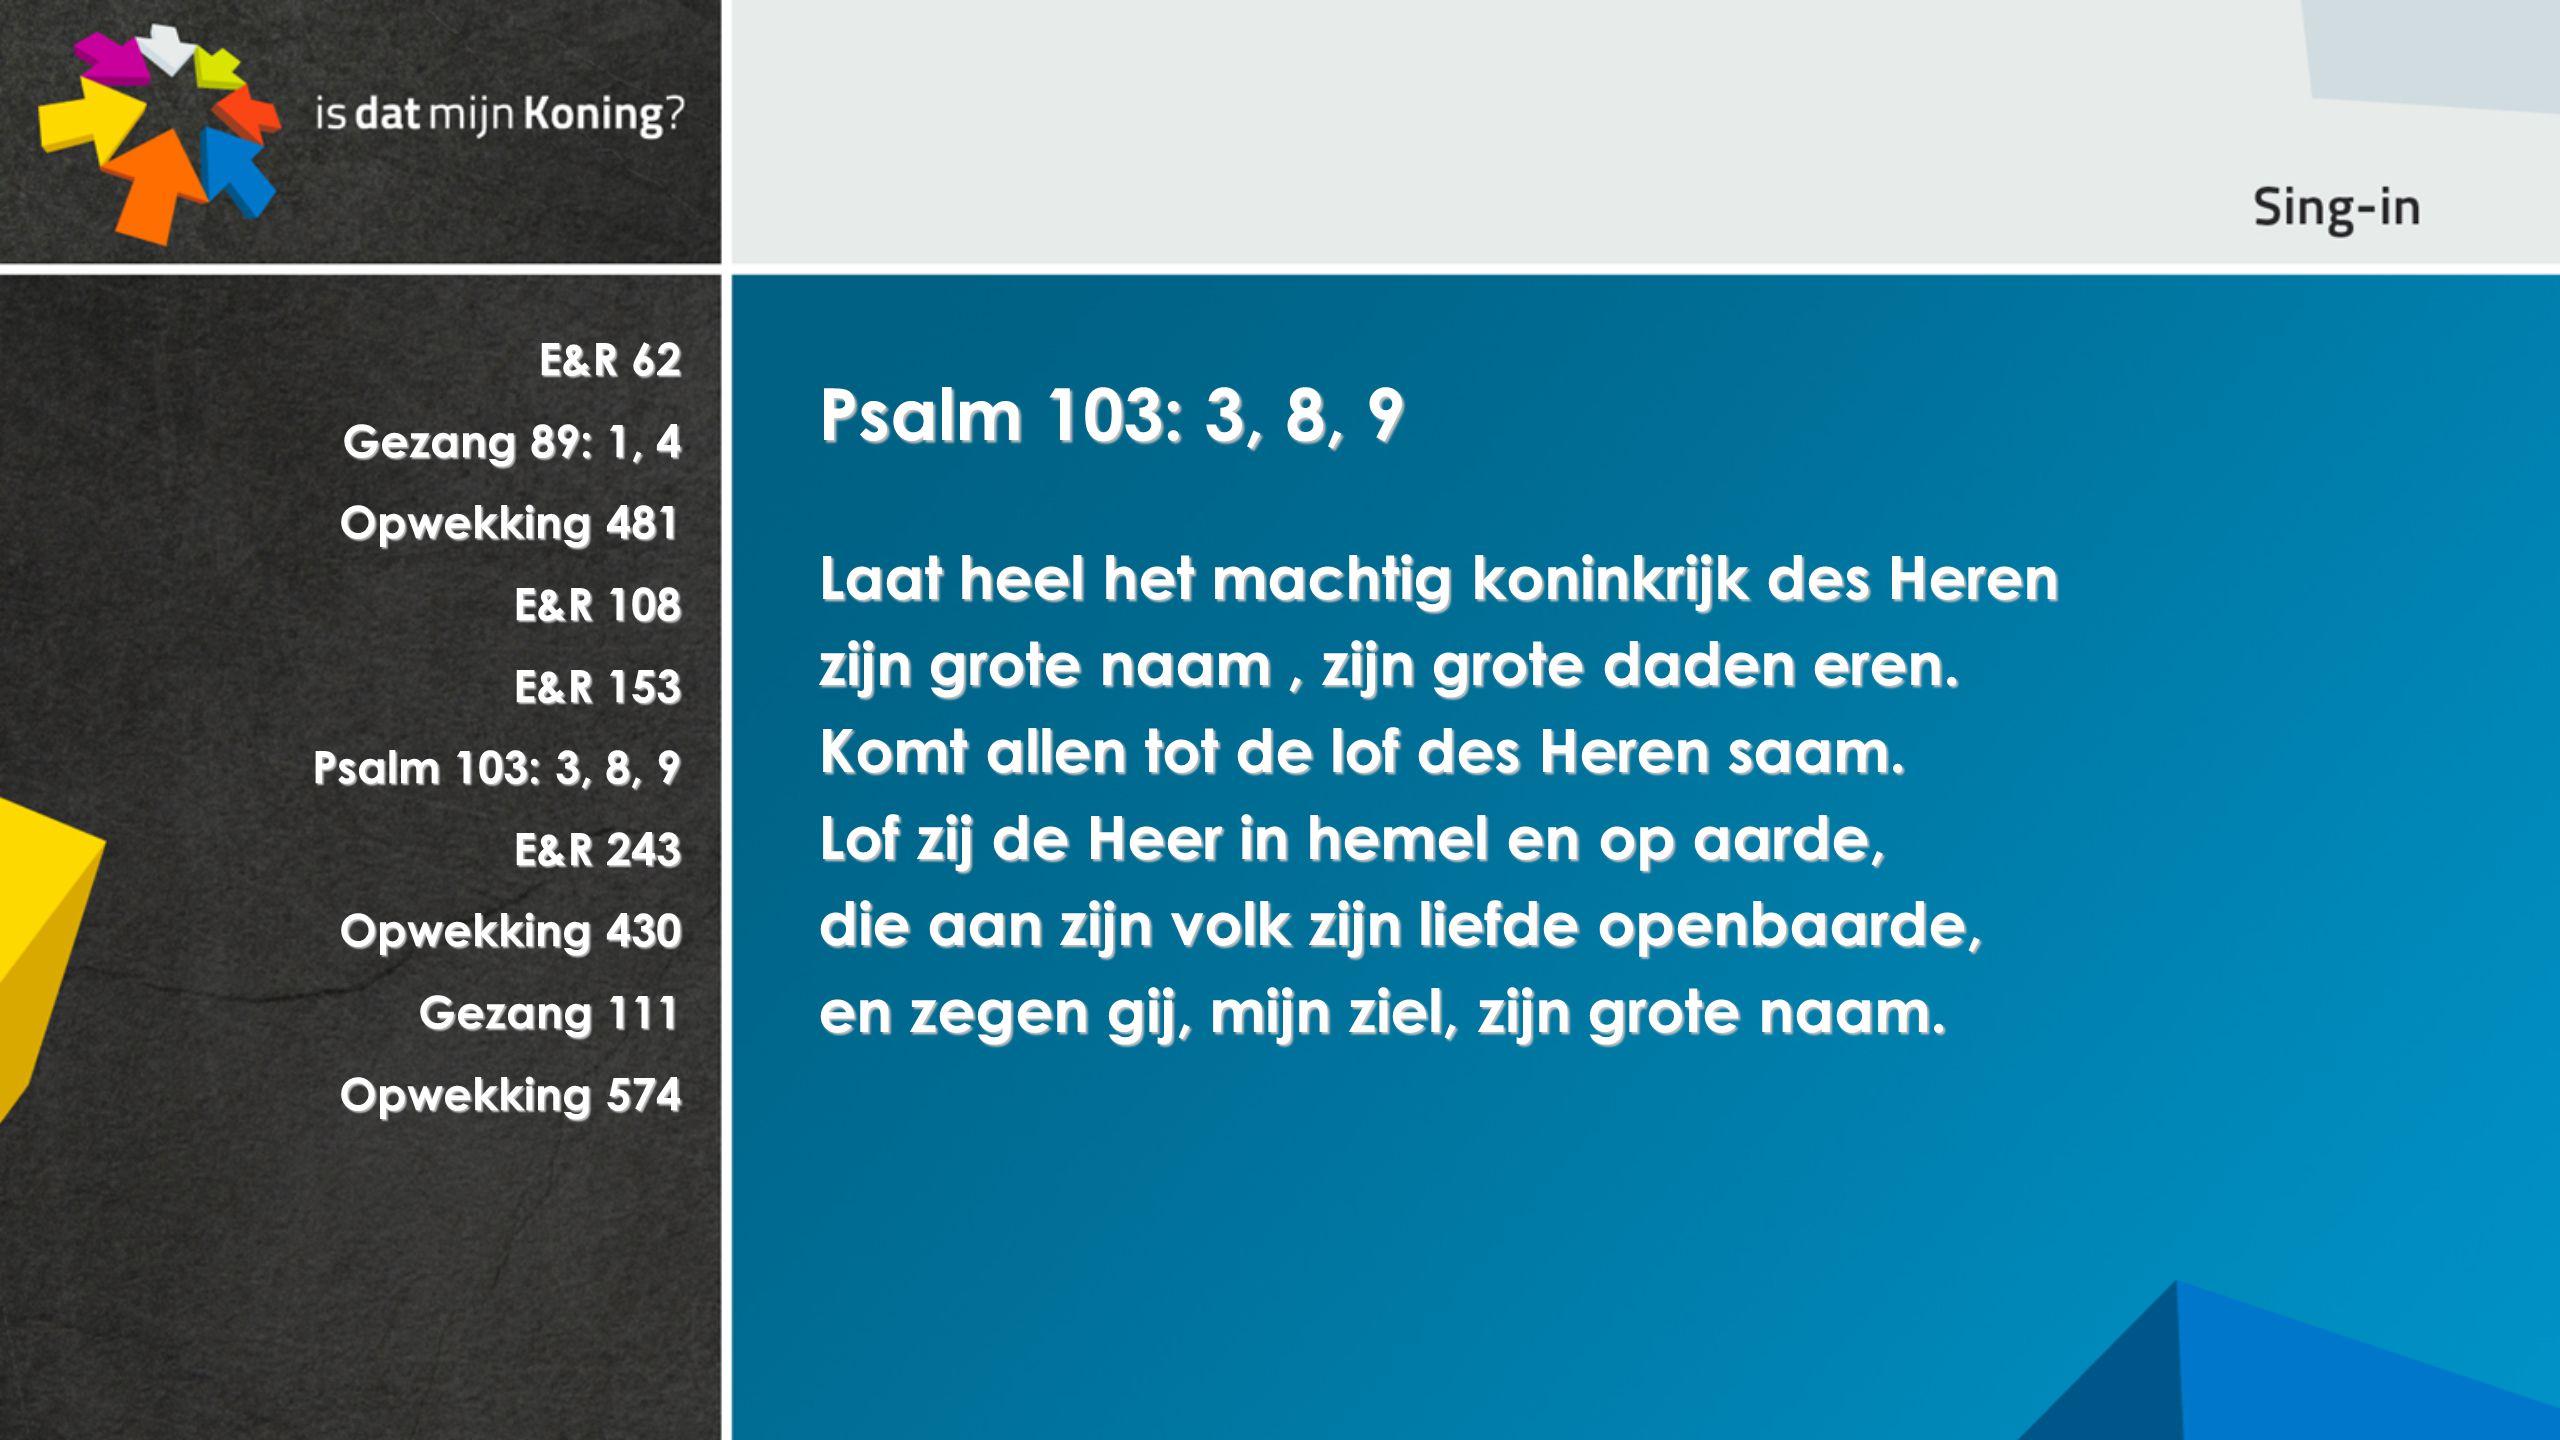 E&R 62 Gezang 89: 1, 4 Opwekking 481 E&R 108 E&R 153 Psalm 103: 3, 8, 9 E&R 243 Opwekking 430 Gezang 111 Opwekking 574 Psalm 103: 3, 8, 9 Laat heel het machtig koninkrijk des Heren zijn grote naam, zijn grote daden eren.